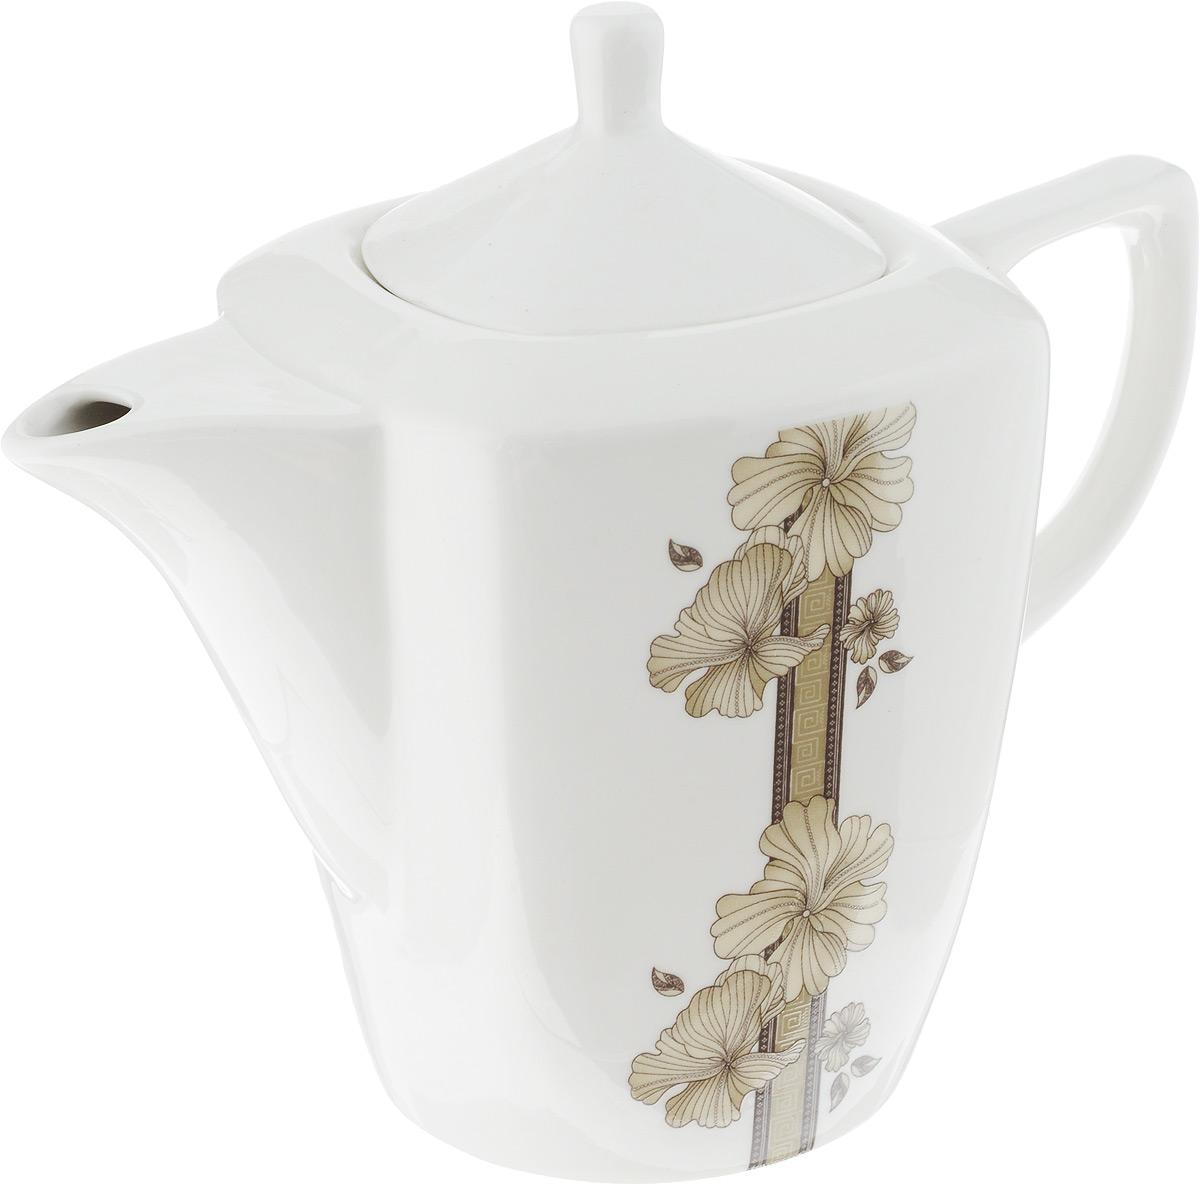 Чайник заварочный София, 1,1 л216710Заварочный чайник София изготовлен из высококачественного фарфора. Глазурованное покрытие обеспечивает легкую очистку. Изделие прекрасно подходит для заваривания вкусного и ароматного чая, а также травяных настоев. Оригинальный дизайн сделает чайник настоящим украшением стола. Он удобен в использовании и понравится каждому. Можно мыть в посудомоечной машине и использовать в микроволновой печи. Диаметр чайника (по верхнему краю): 7 см. Высота чайника (без учета крышки): 14 см. Высота чайника (с учетом крышки): 19 см.